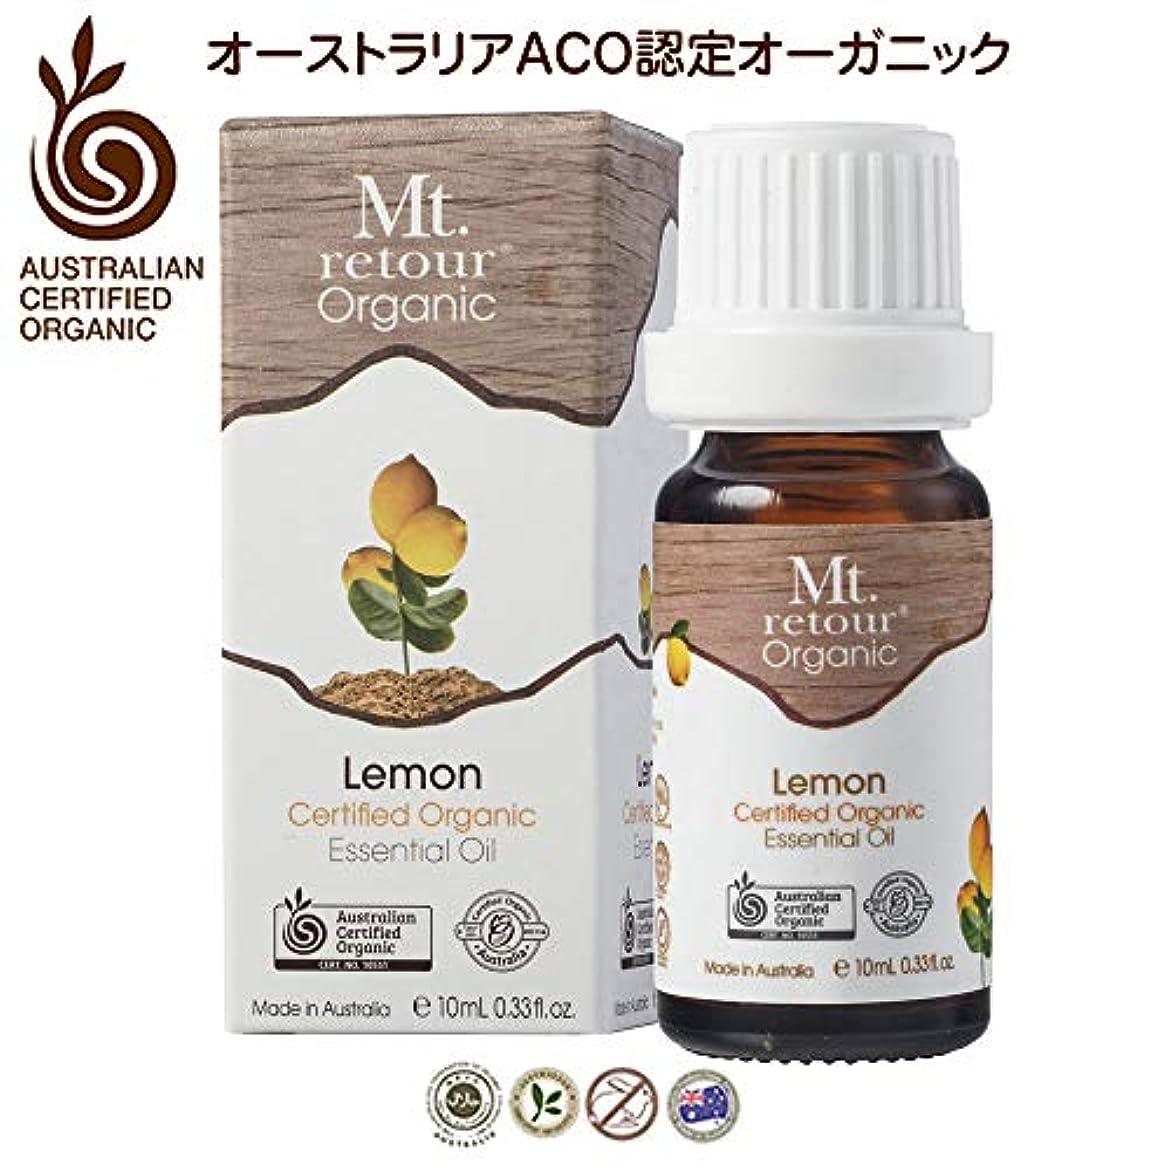 起こる翻訳するオンスMt. retour ACO認定オーガニック レモン 10ml エッセンシャルオイル(無農薬有機栽培)アロマ